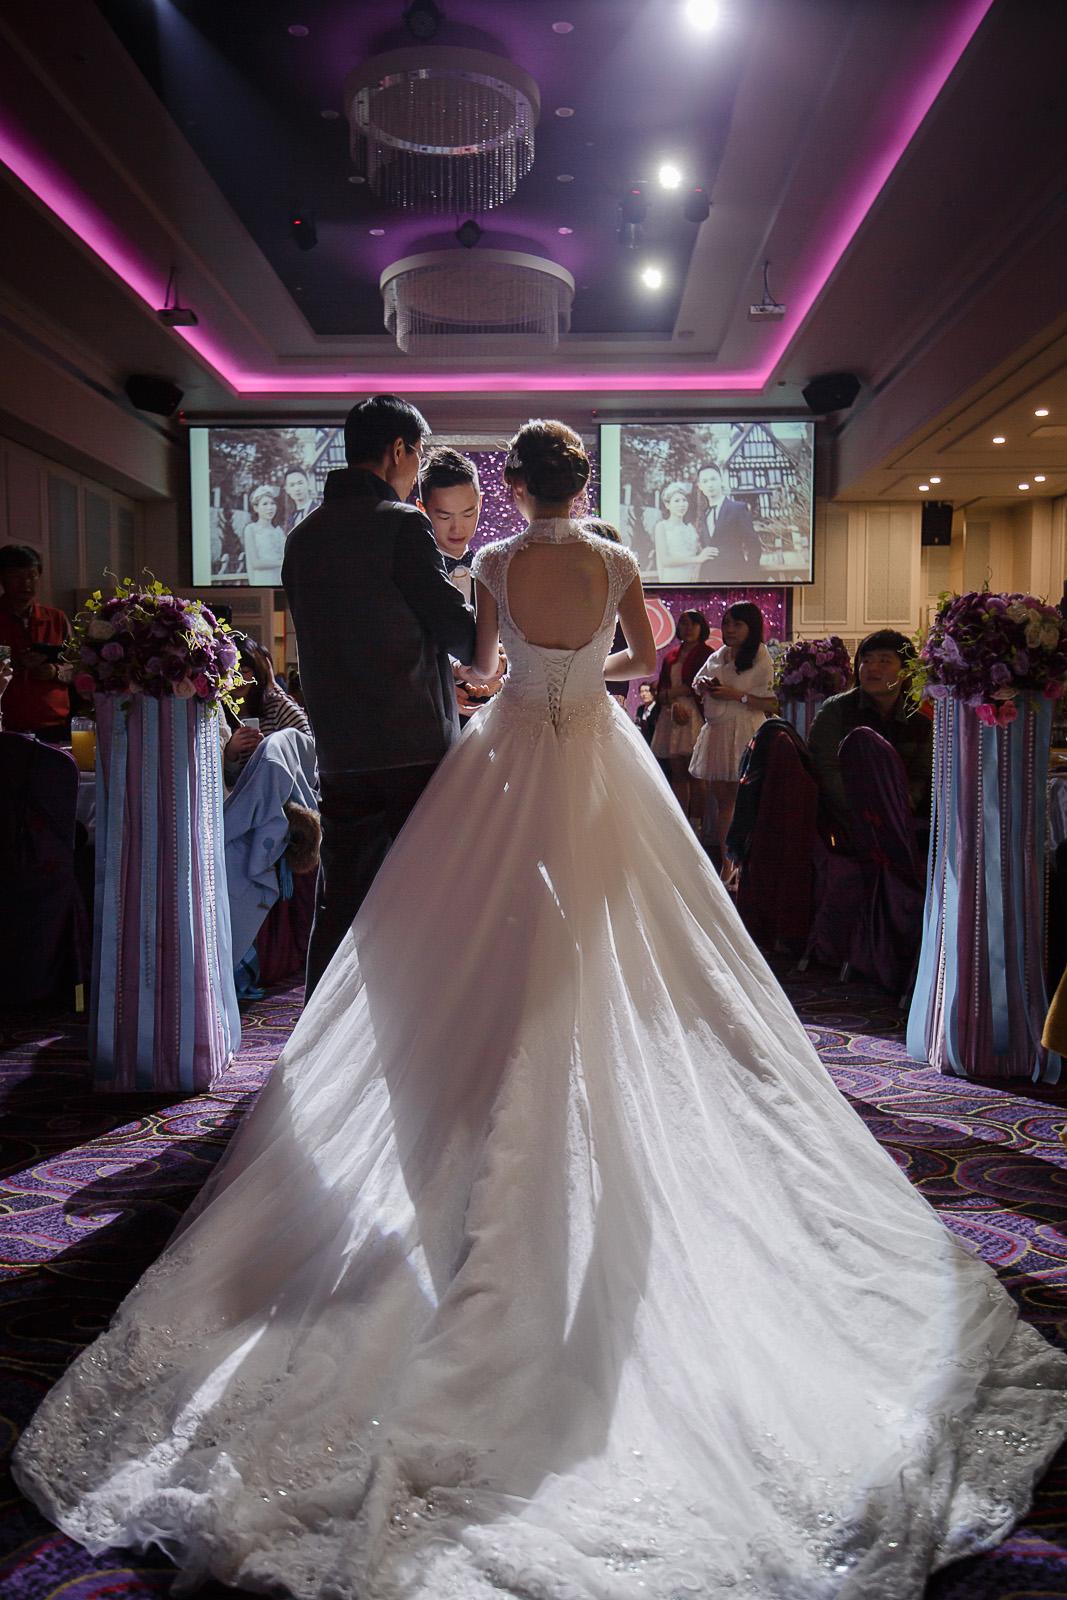 高雄圓山飯店,婚禮攝影,婚攝,高雄婚攝,優質婚攝推薦,Jen&Ethan-249